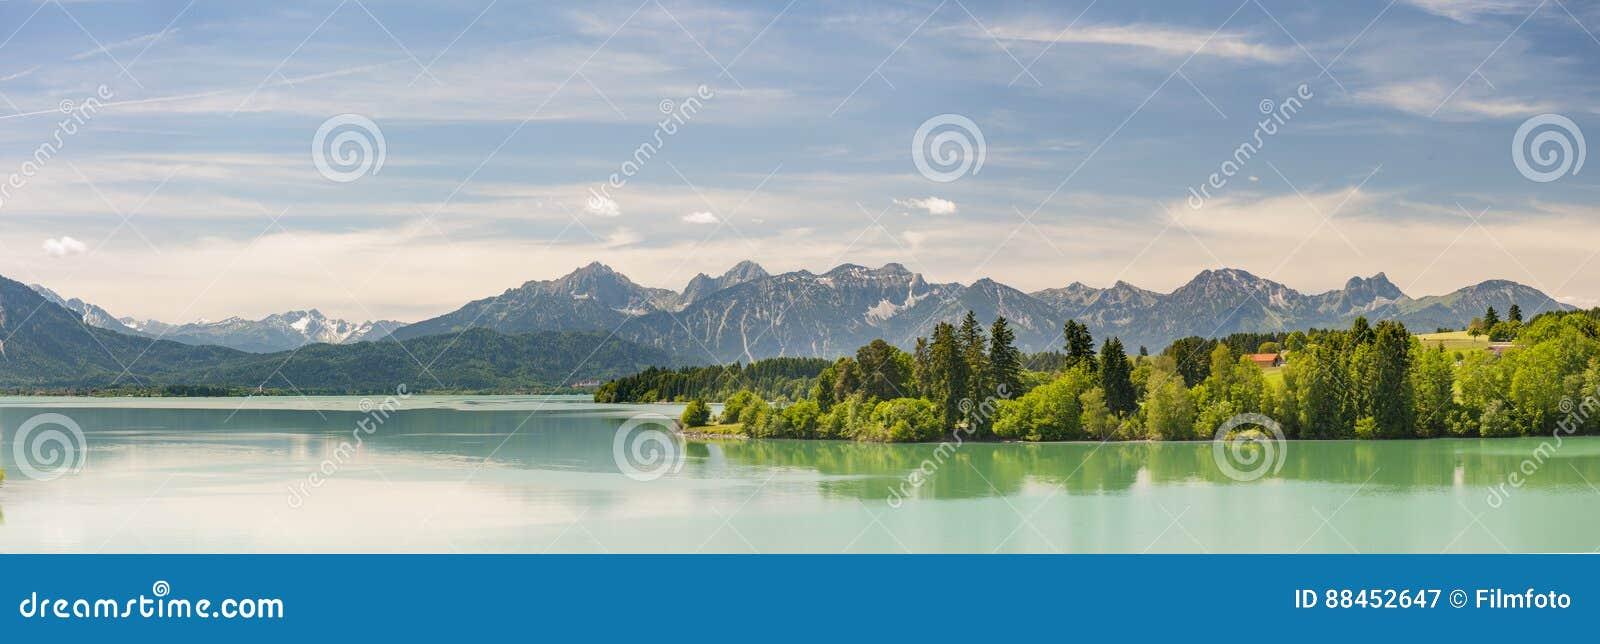 Escena del panorama en Baviera con las montañas y el lago de las montañas